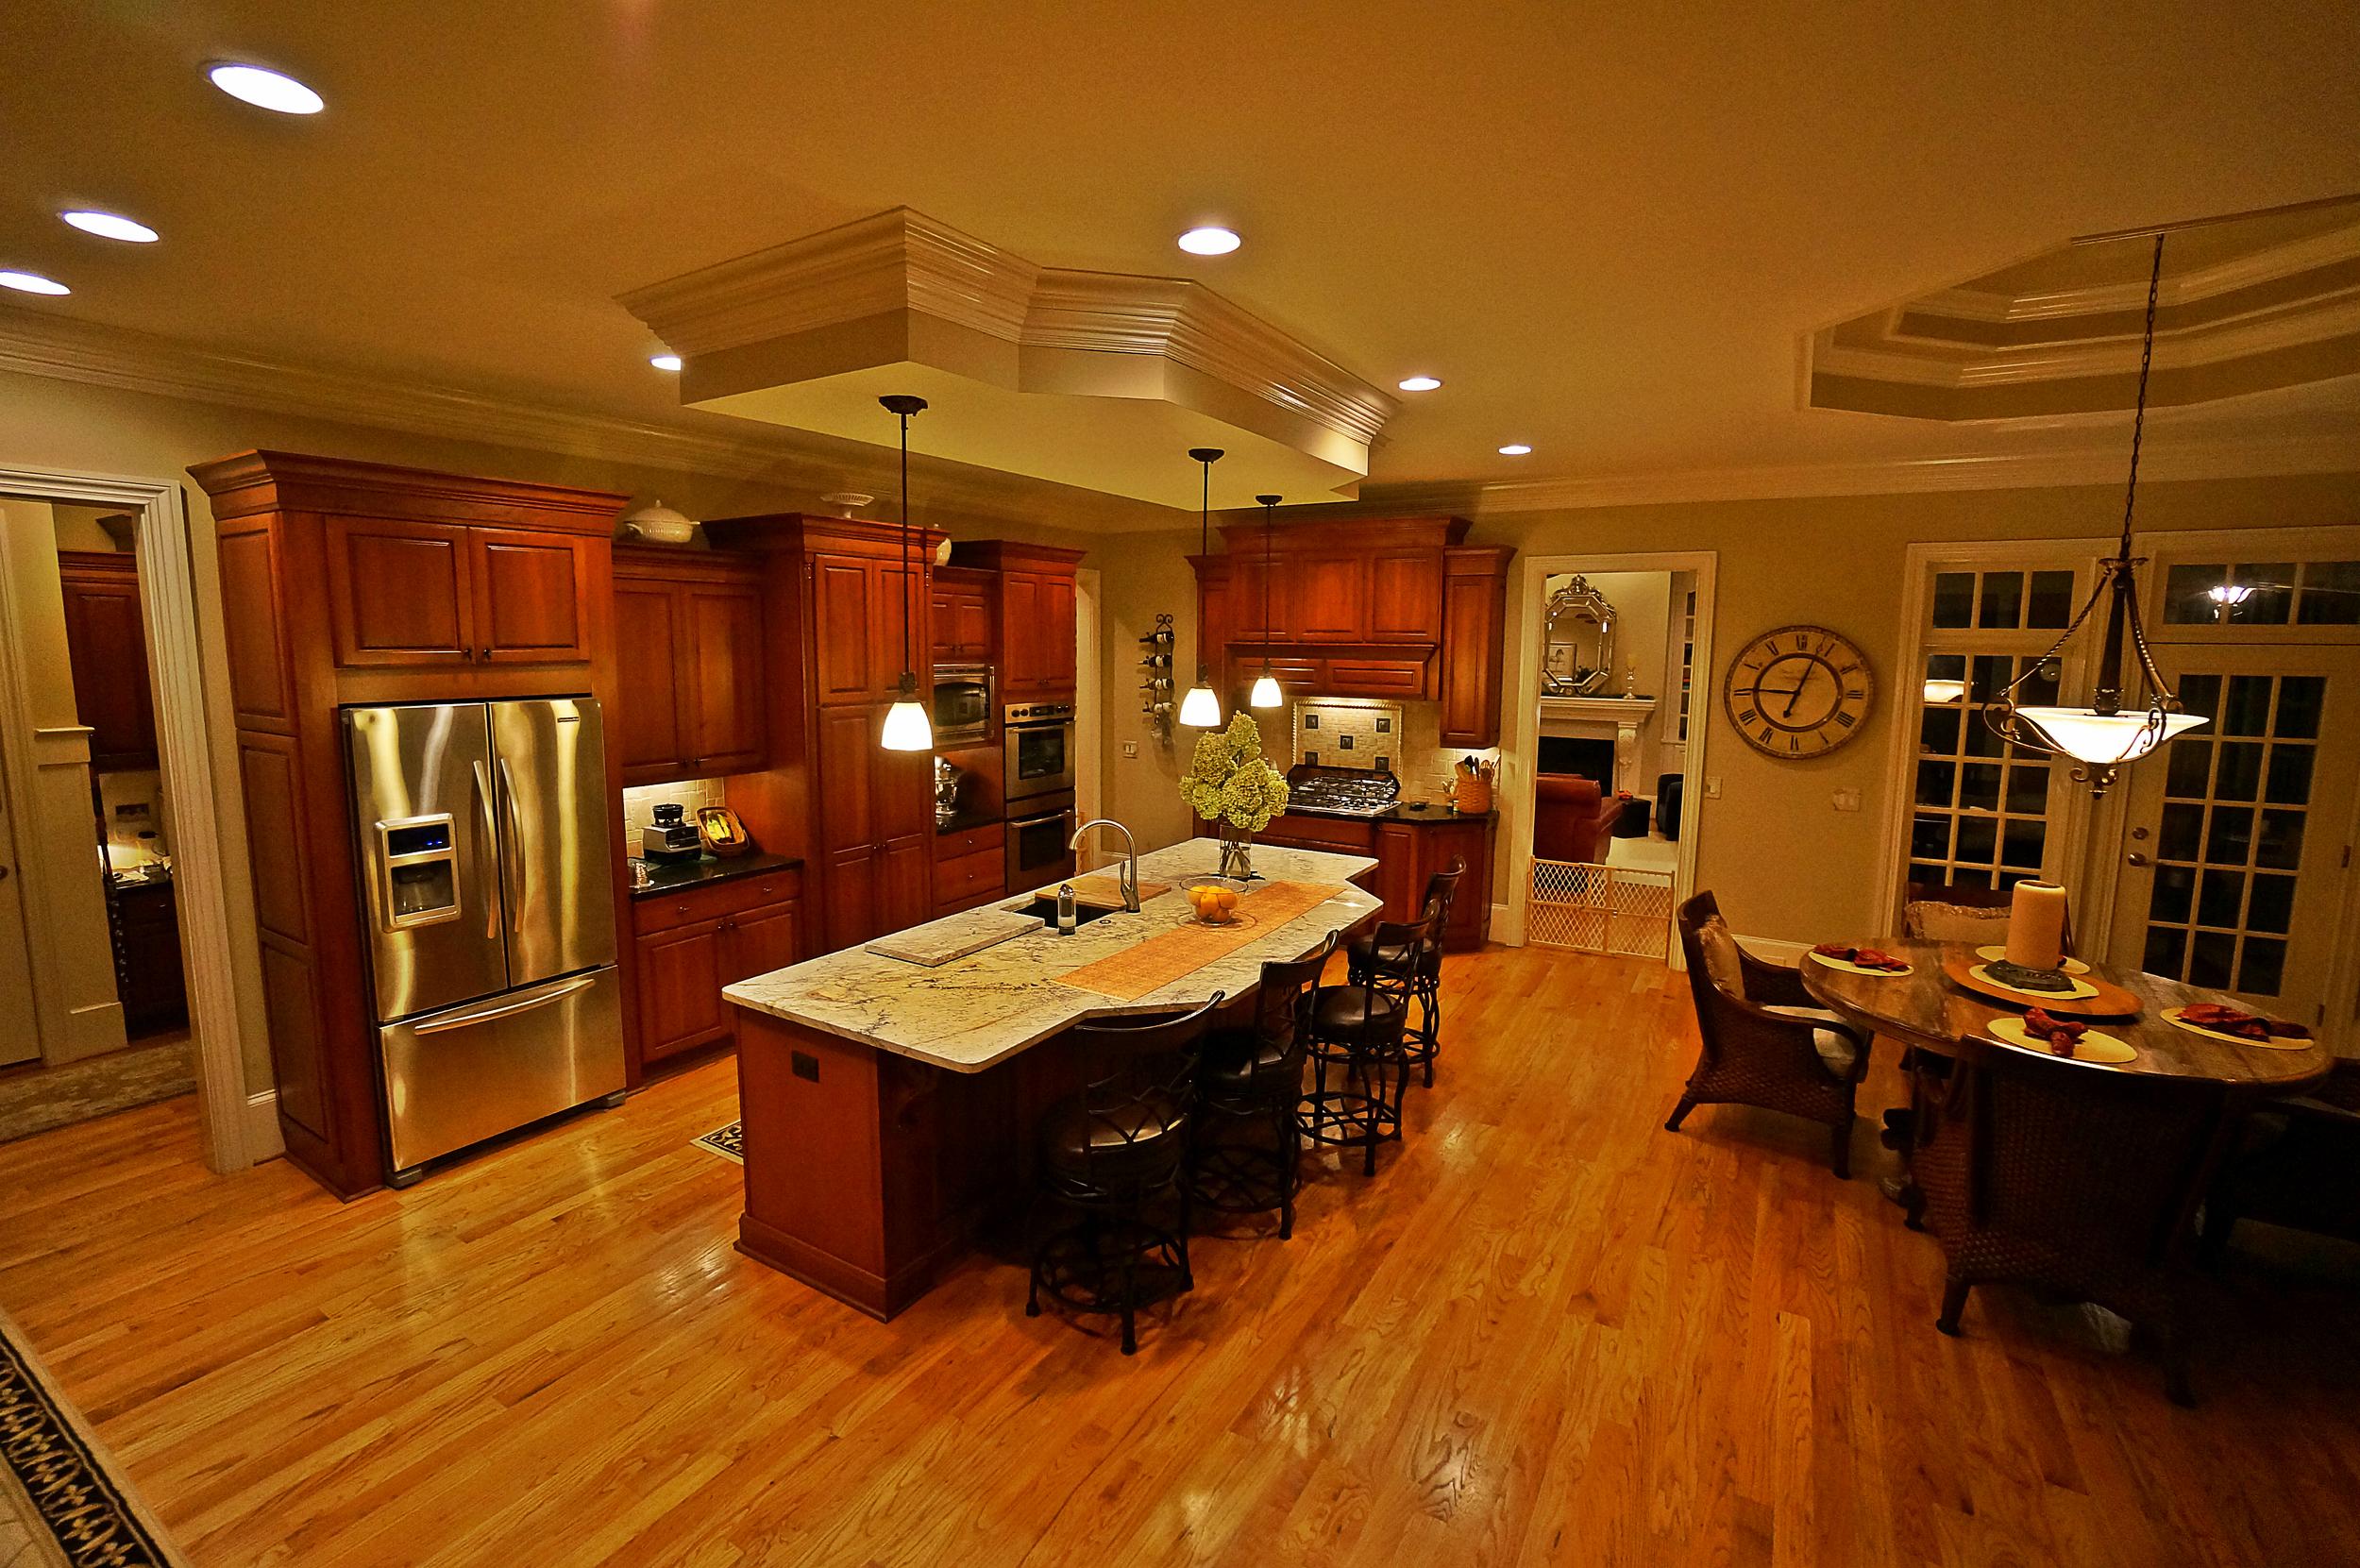 kitchen4edit.jpg